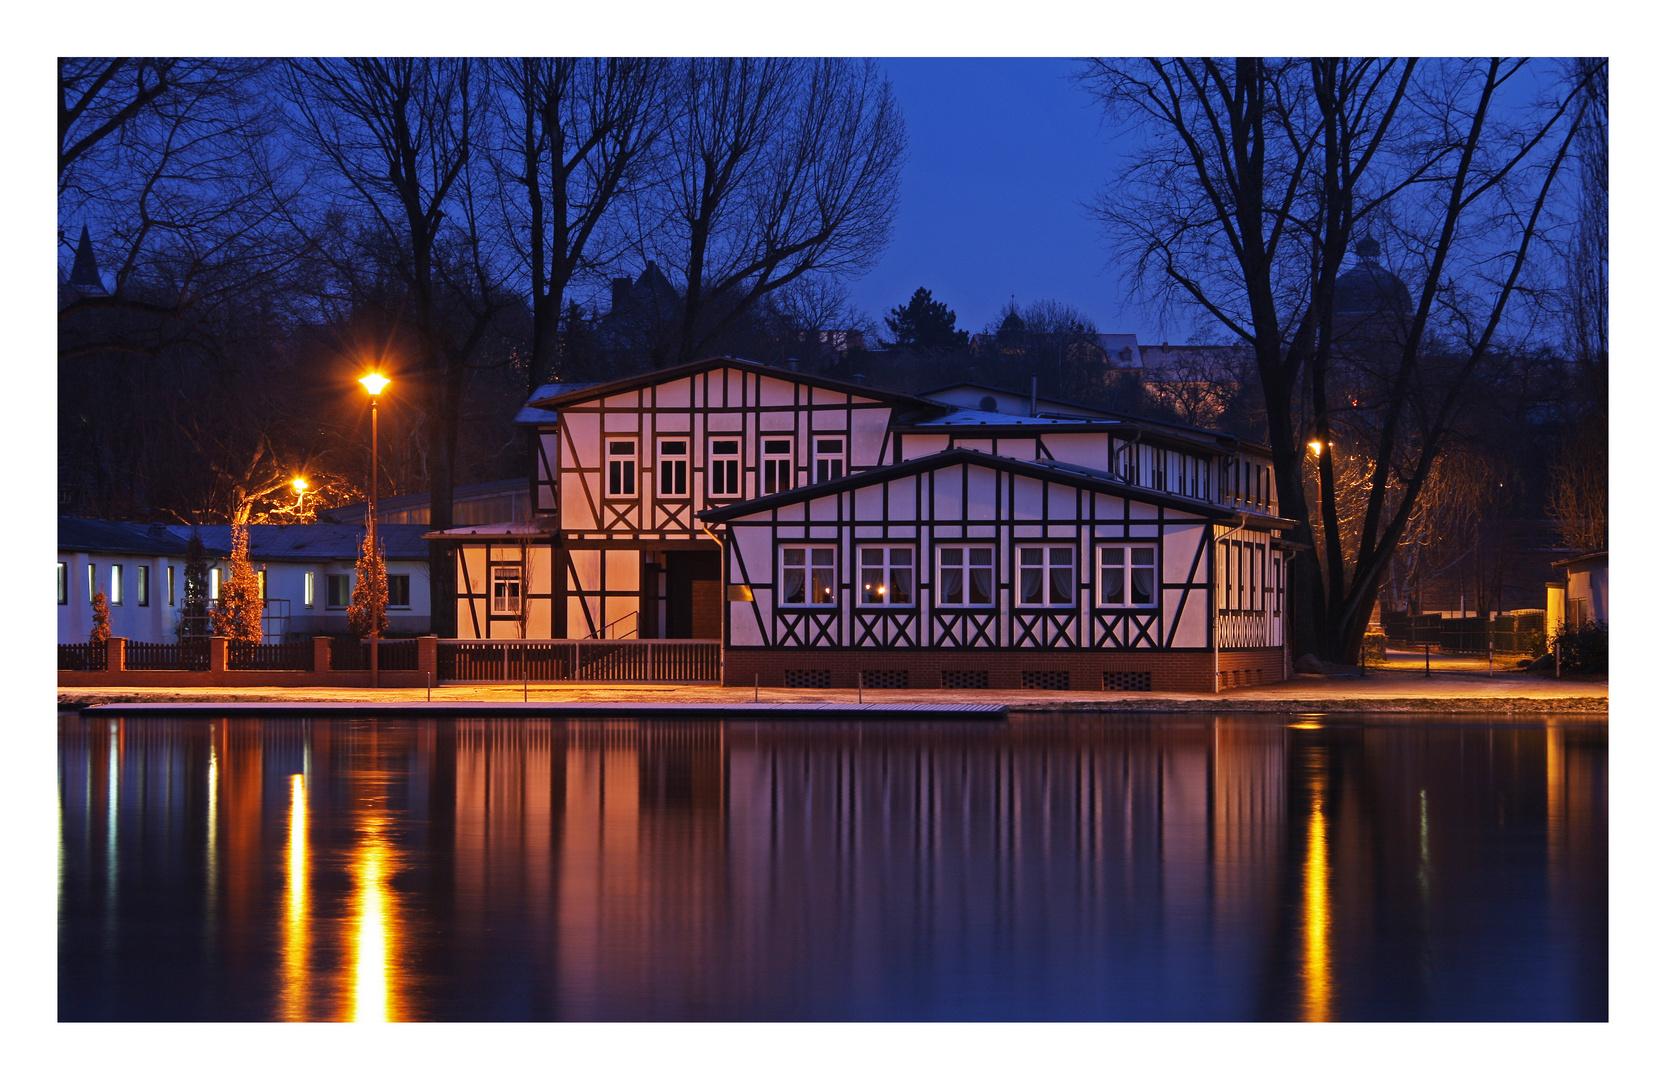 An der Saale in Bernburg